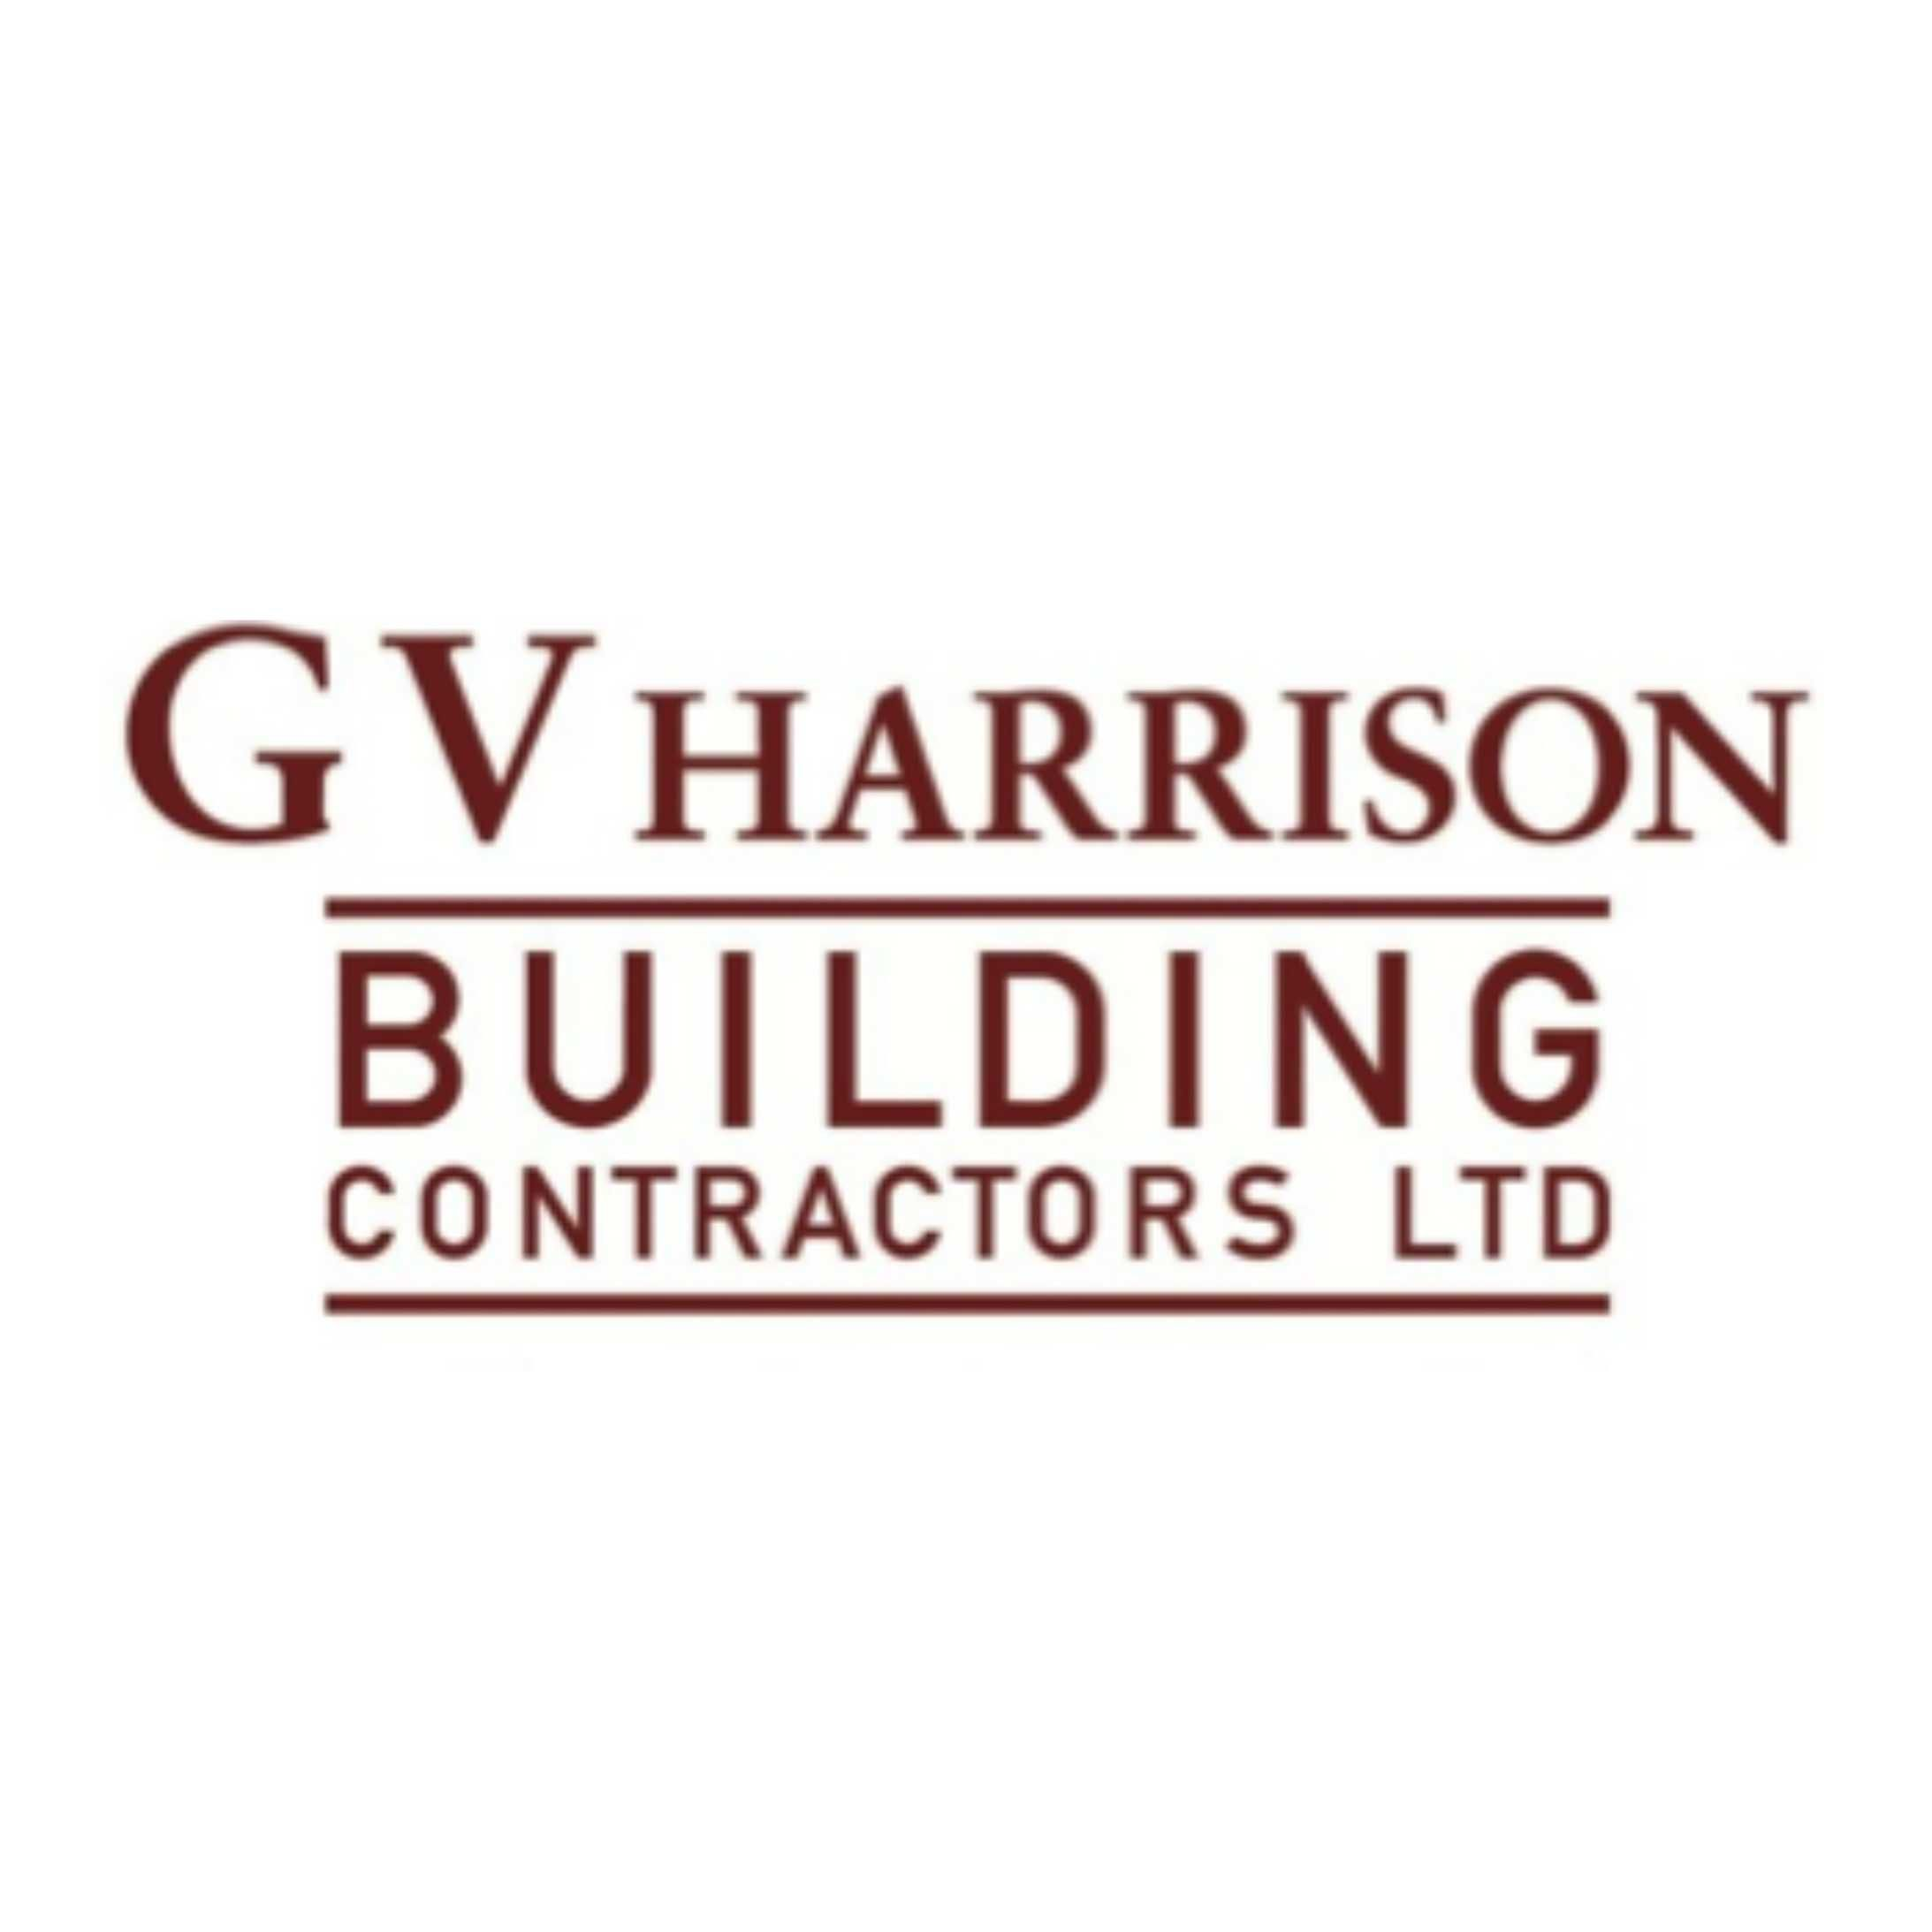 Claire McDonnell- G V Harrison Building Contractors Ltd